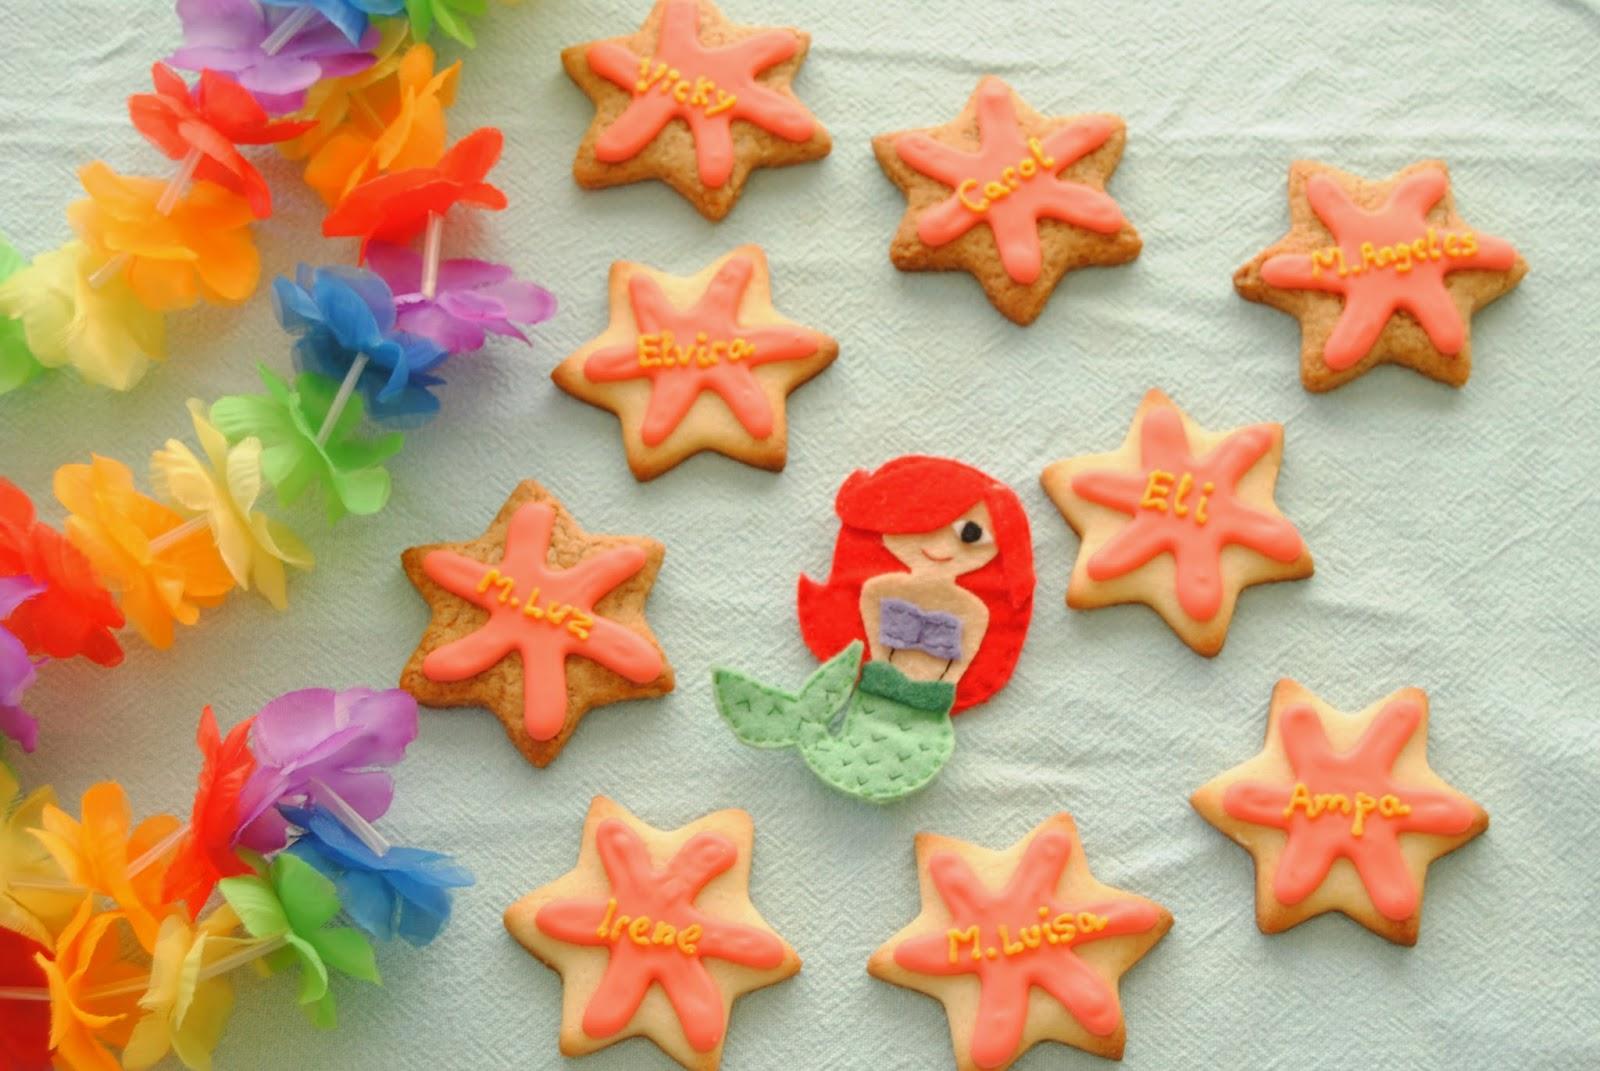 galletas de mar: